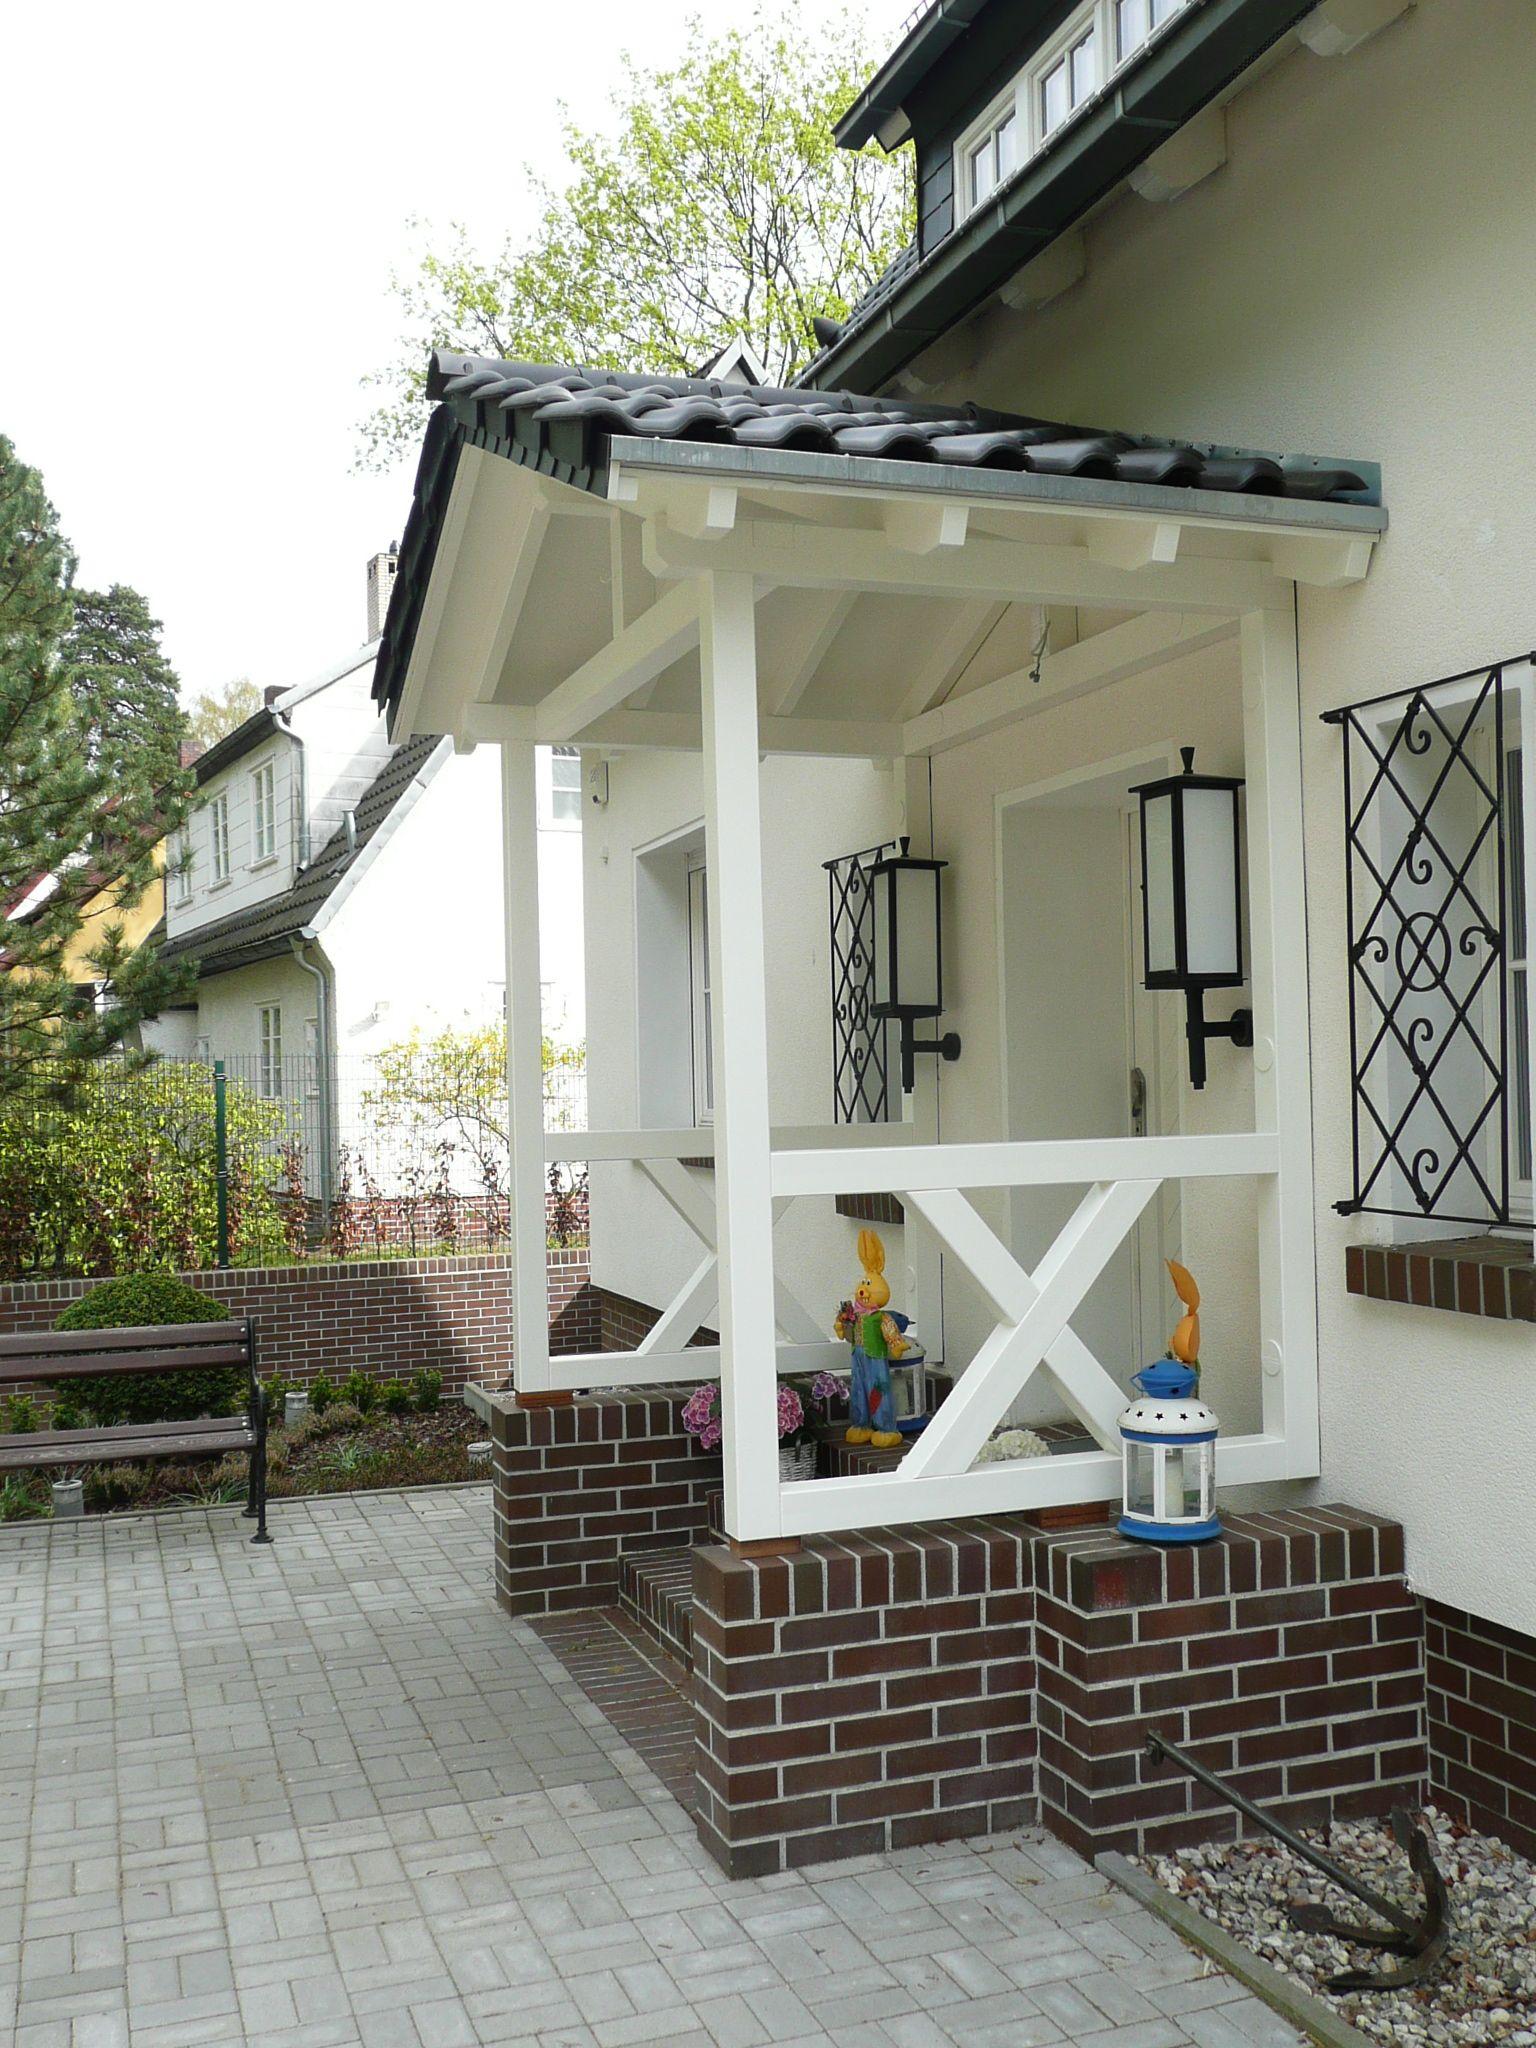 Vordach mit Satteldach über Hauseingang  #Überdachungterrasse